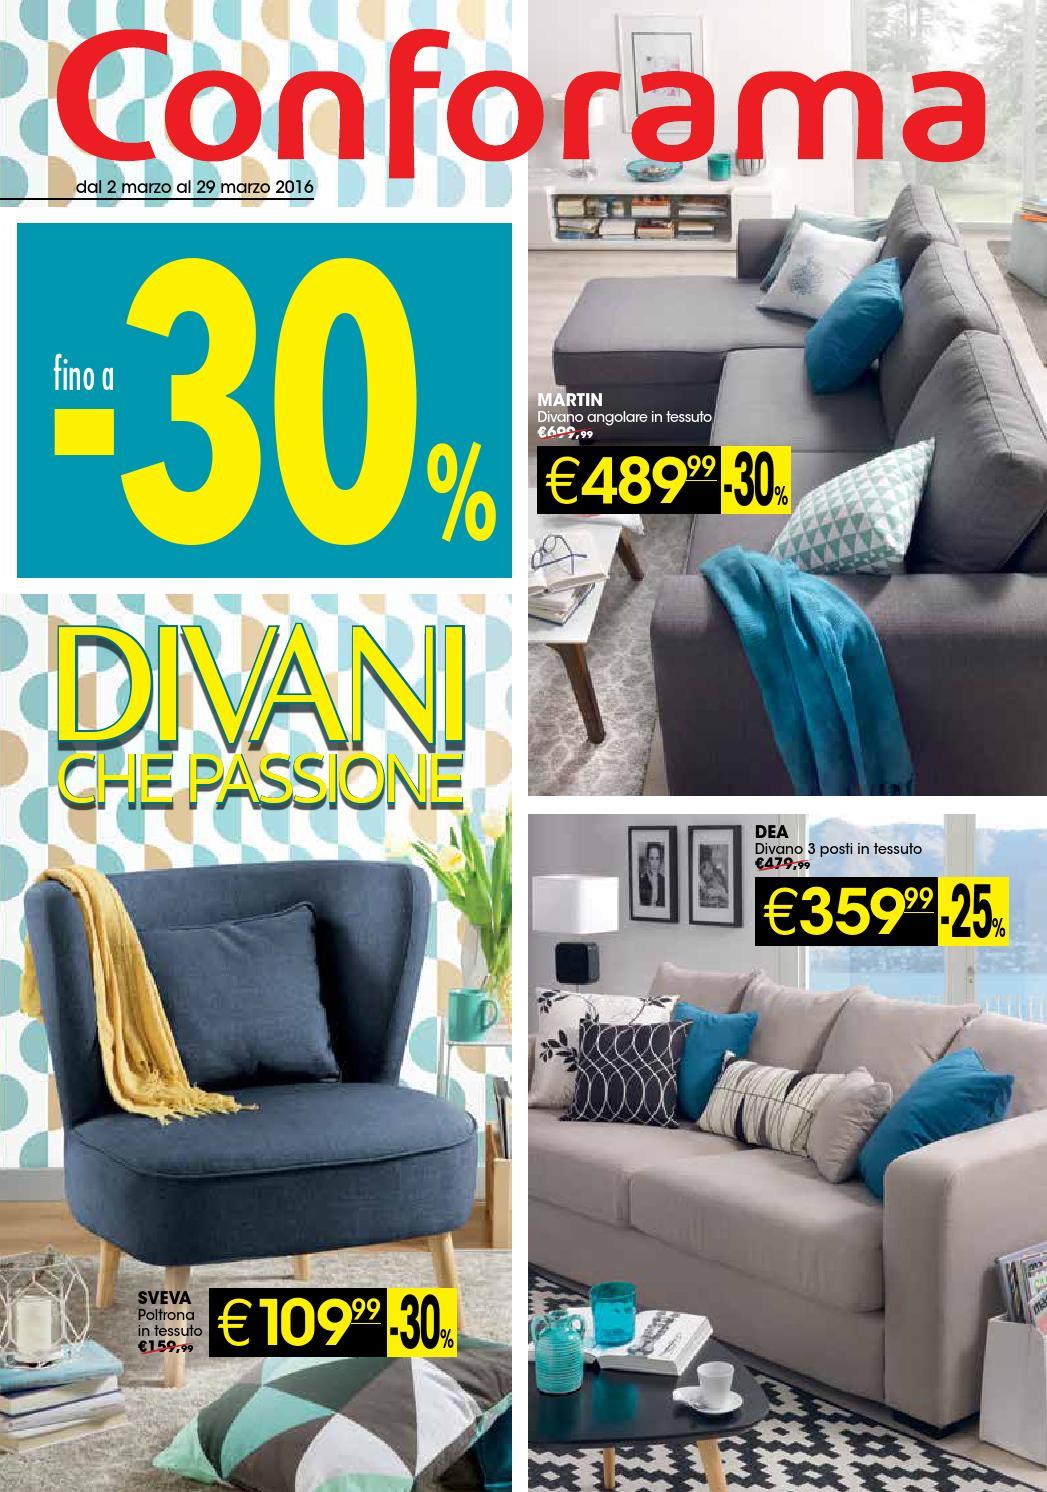 Conforama fino a 30 divano che passione by claudia for Divani da 2 metri